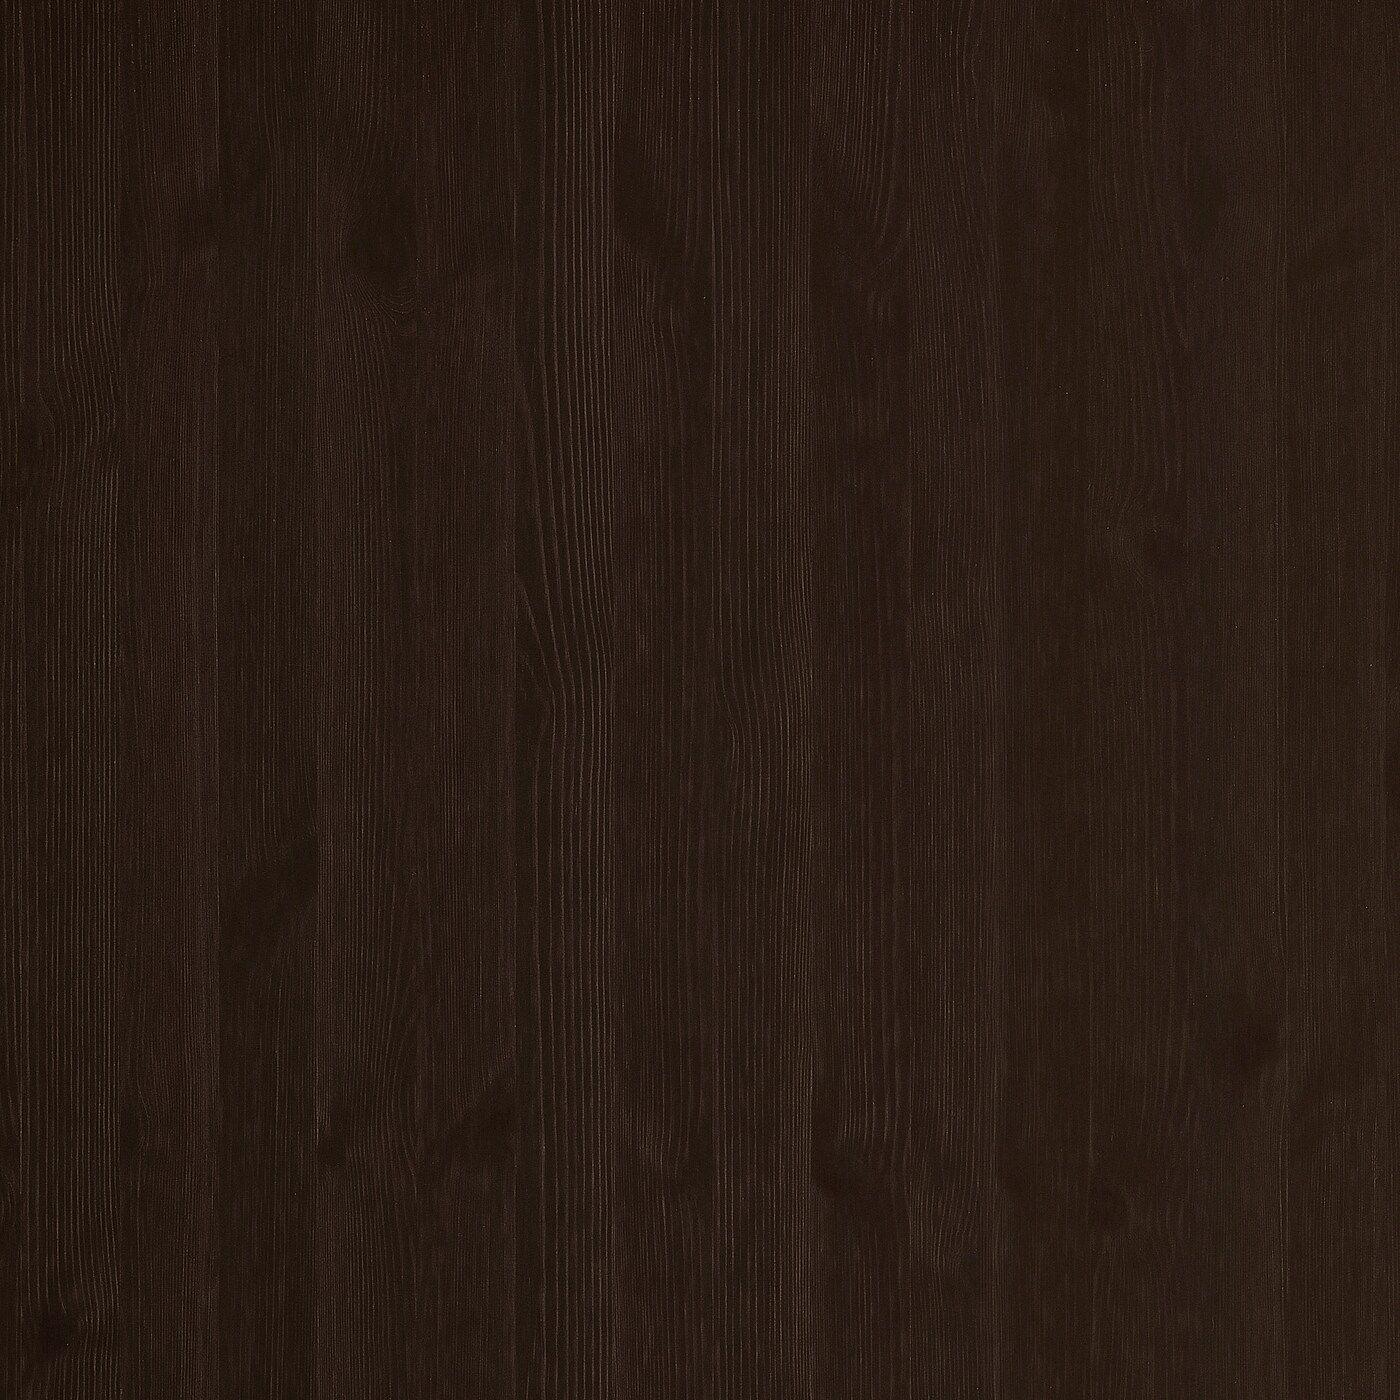 Hemnes Kleiderschrank Offen Schwarzbraun Ikea Osterreich In 2020 Offene Garderobe Hemnes Und Hemnes Kleiderschrank